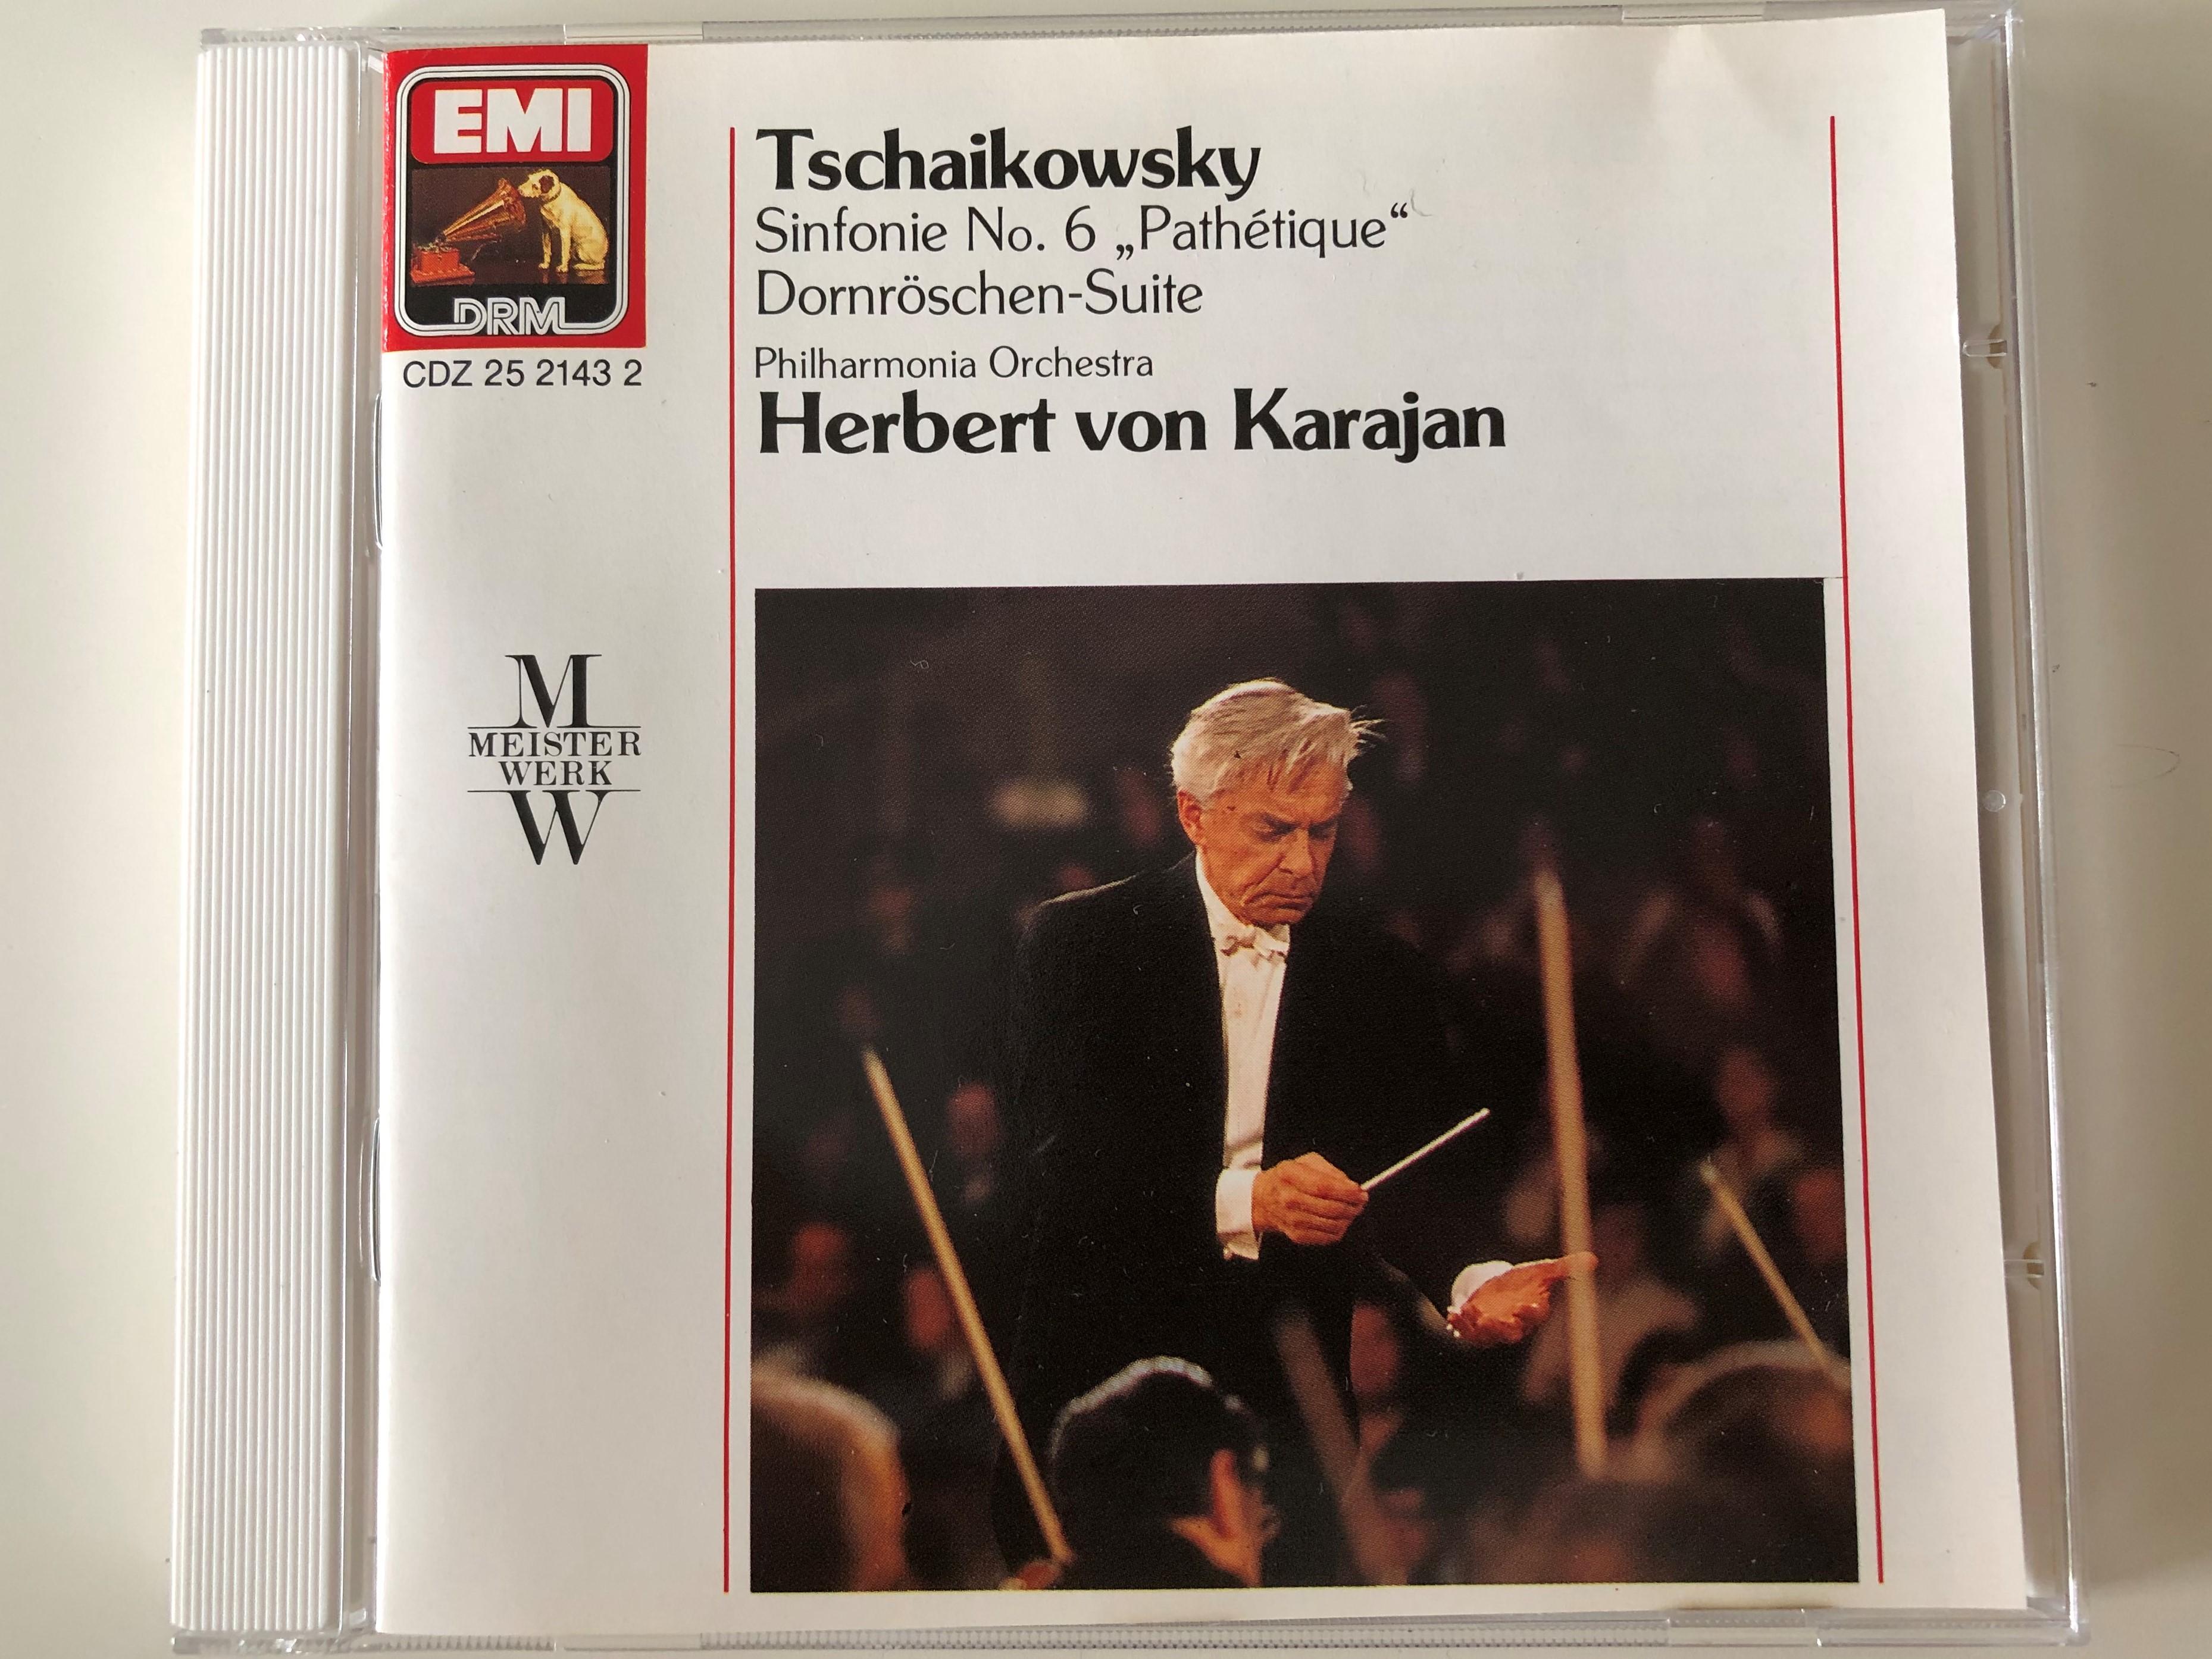 tschaikowsky-sinfonie-no.-6-path-tique-dornr-schen-suite-philharmonia-orchestra-herbert-von-karajan-emi-drm-audio-cd-1989-stereo-cdz-25-2143-2-1-.jpg